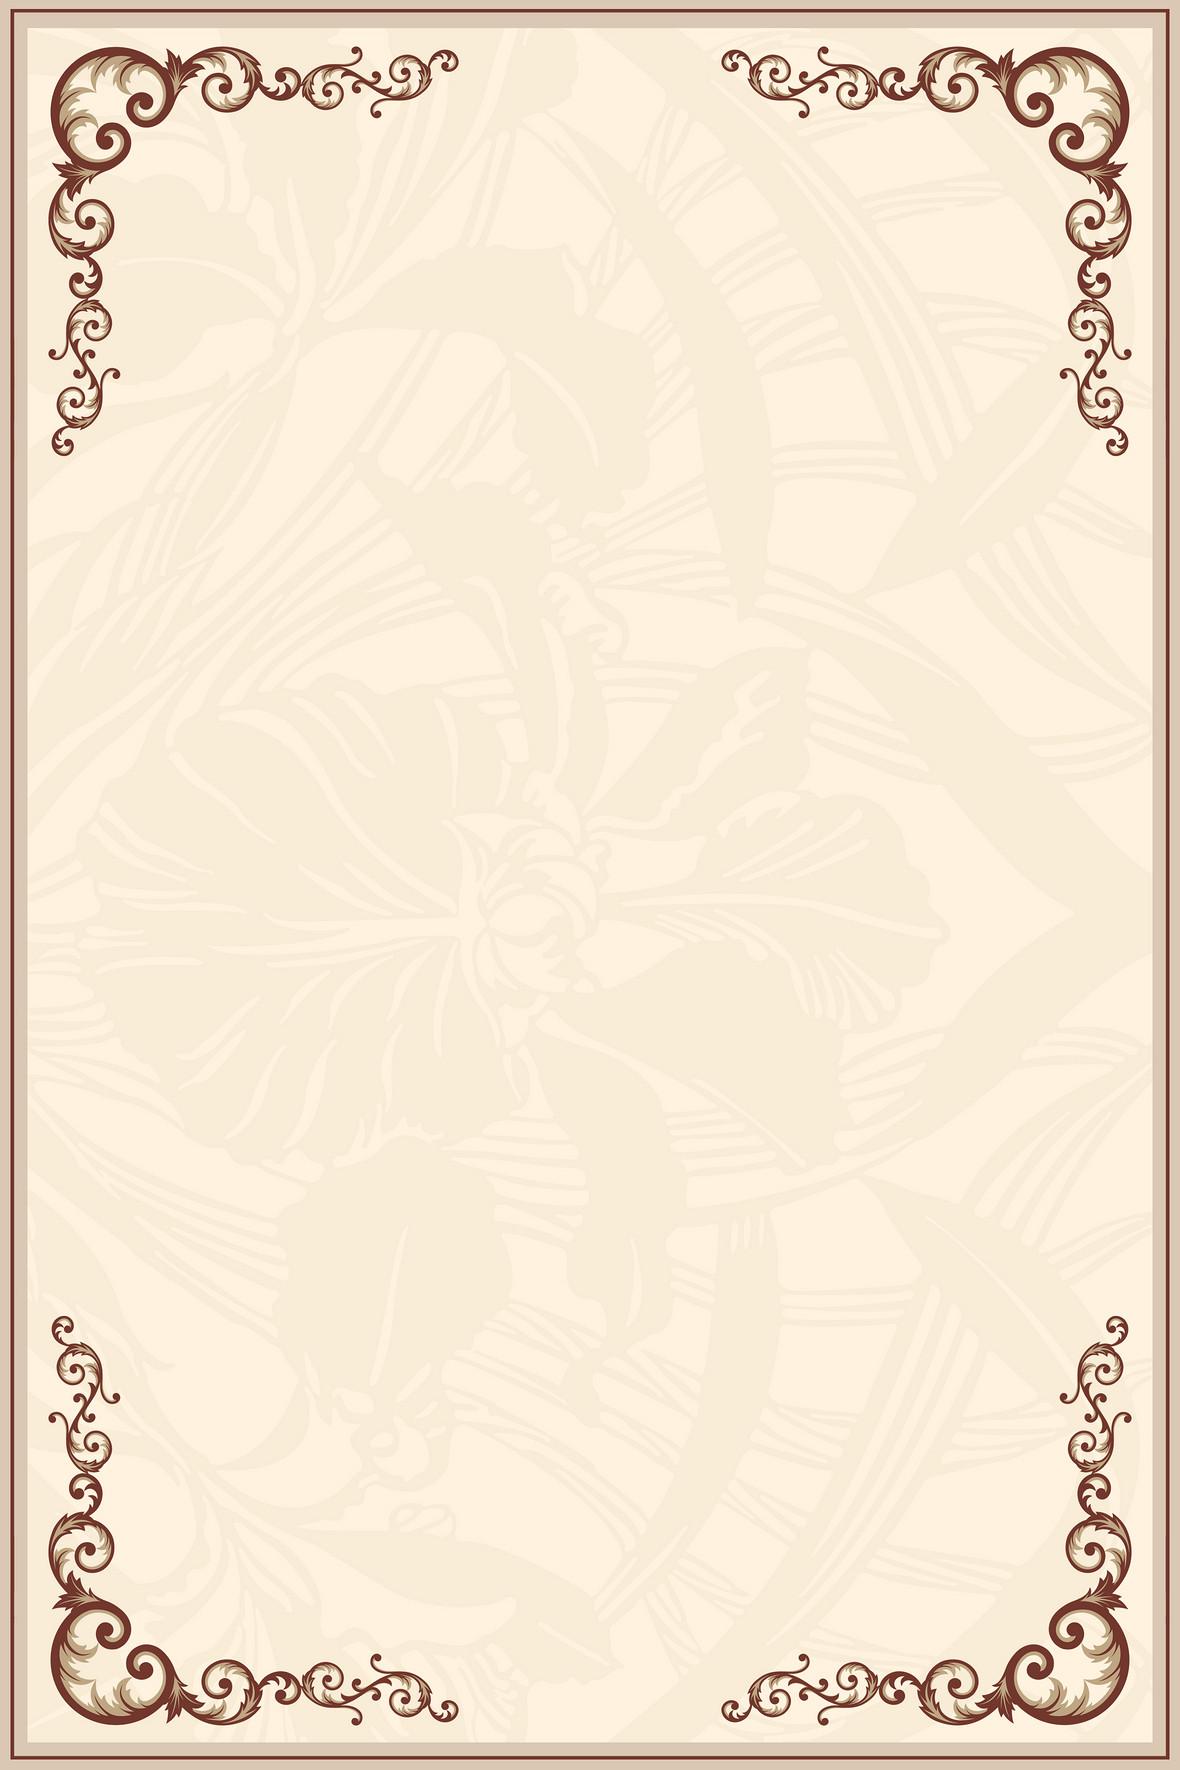 欧式米黄边框花纹背景图